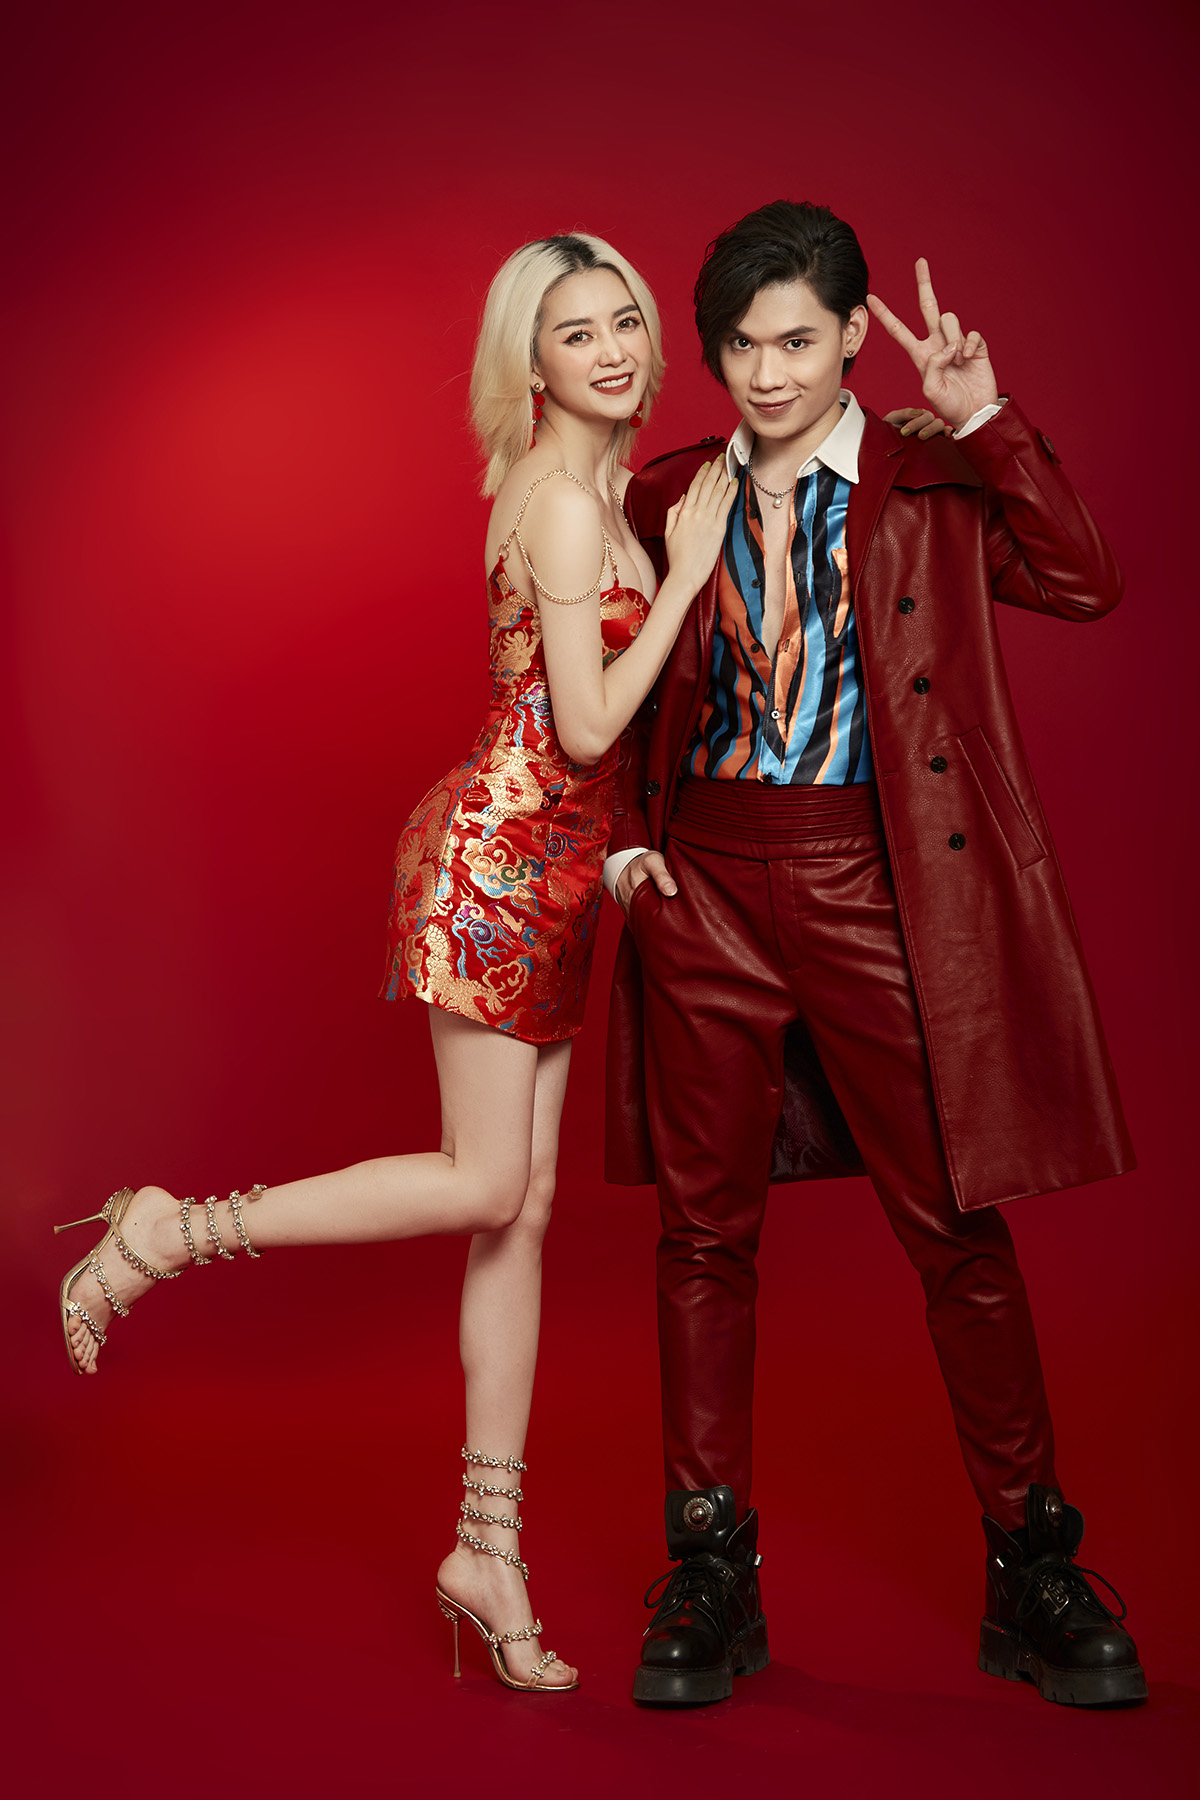 Diện trang phục đỏ rực, đậm chất xuân, Thiều Bảo Trang và Quang Trung muốn gửi lời chúc năm mới may mắn, sung túc đến khán giả.